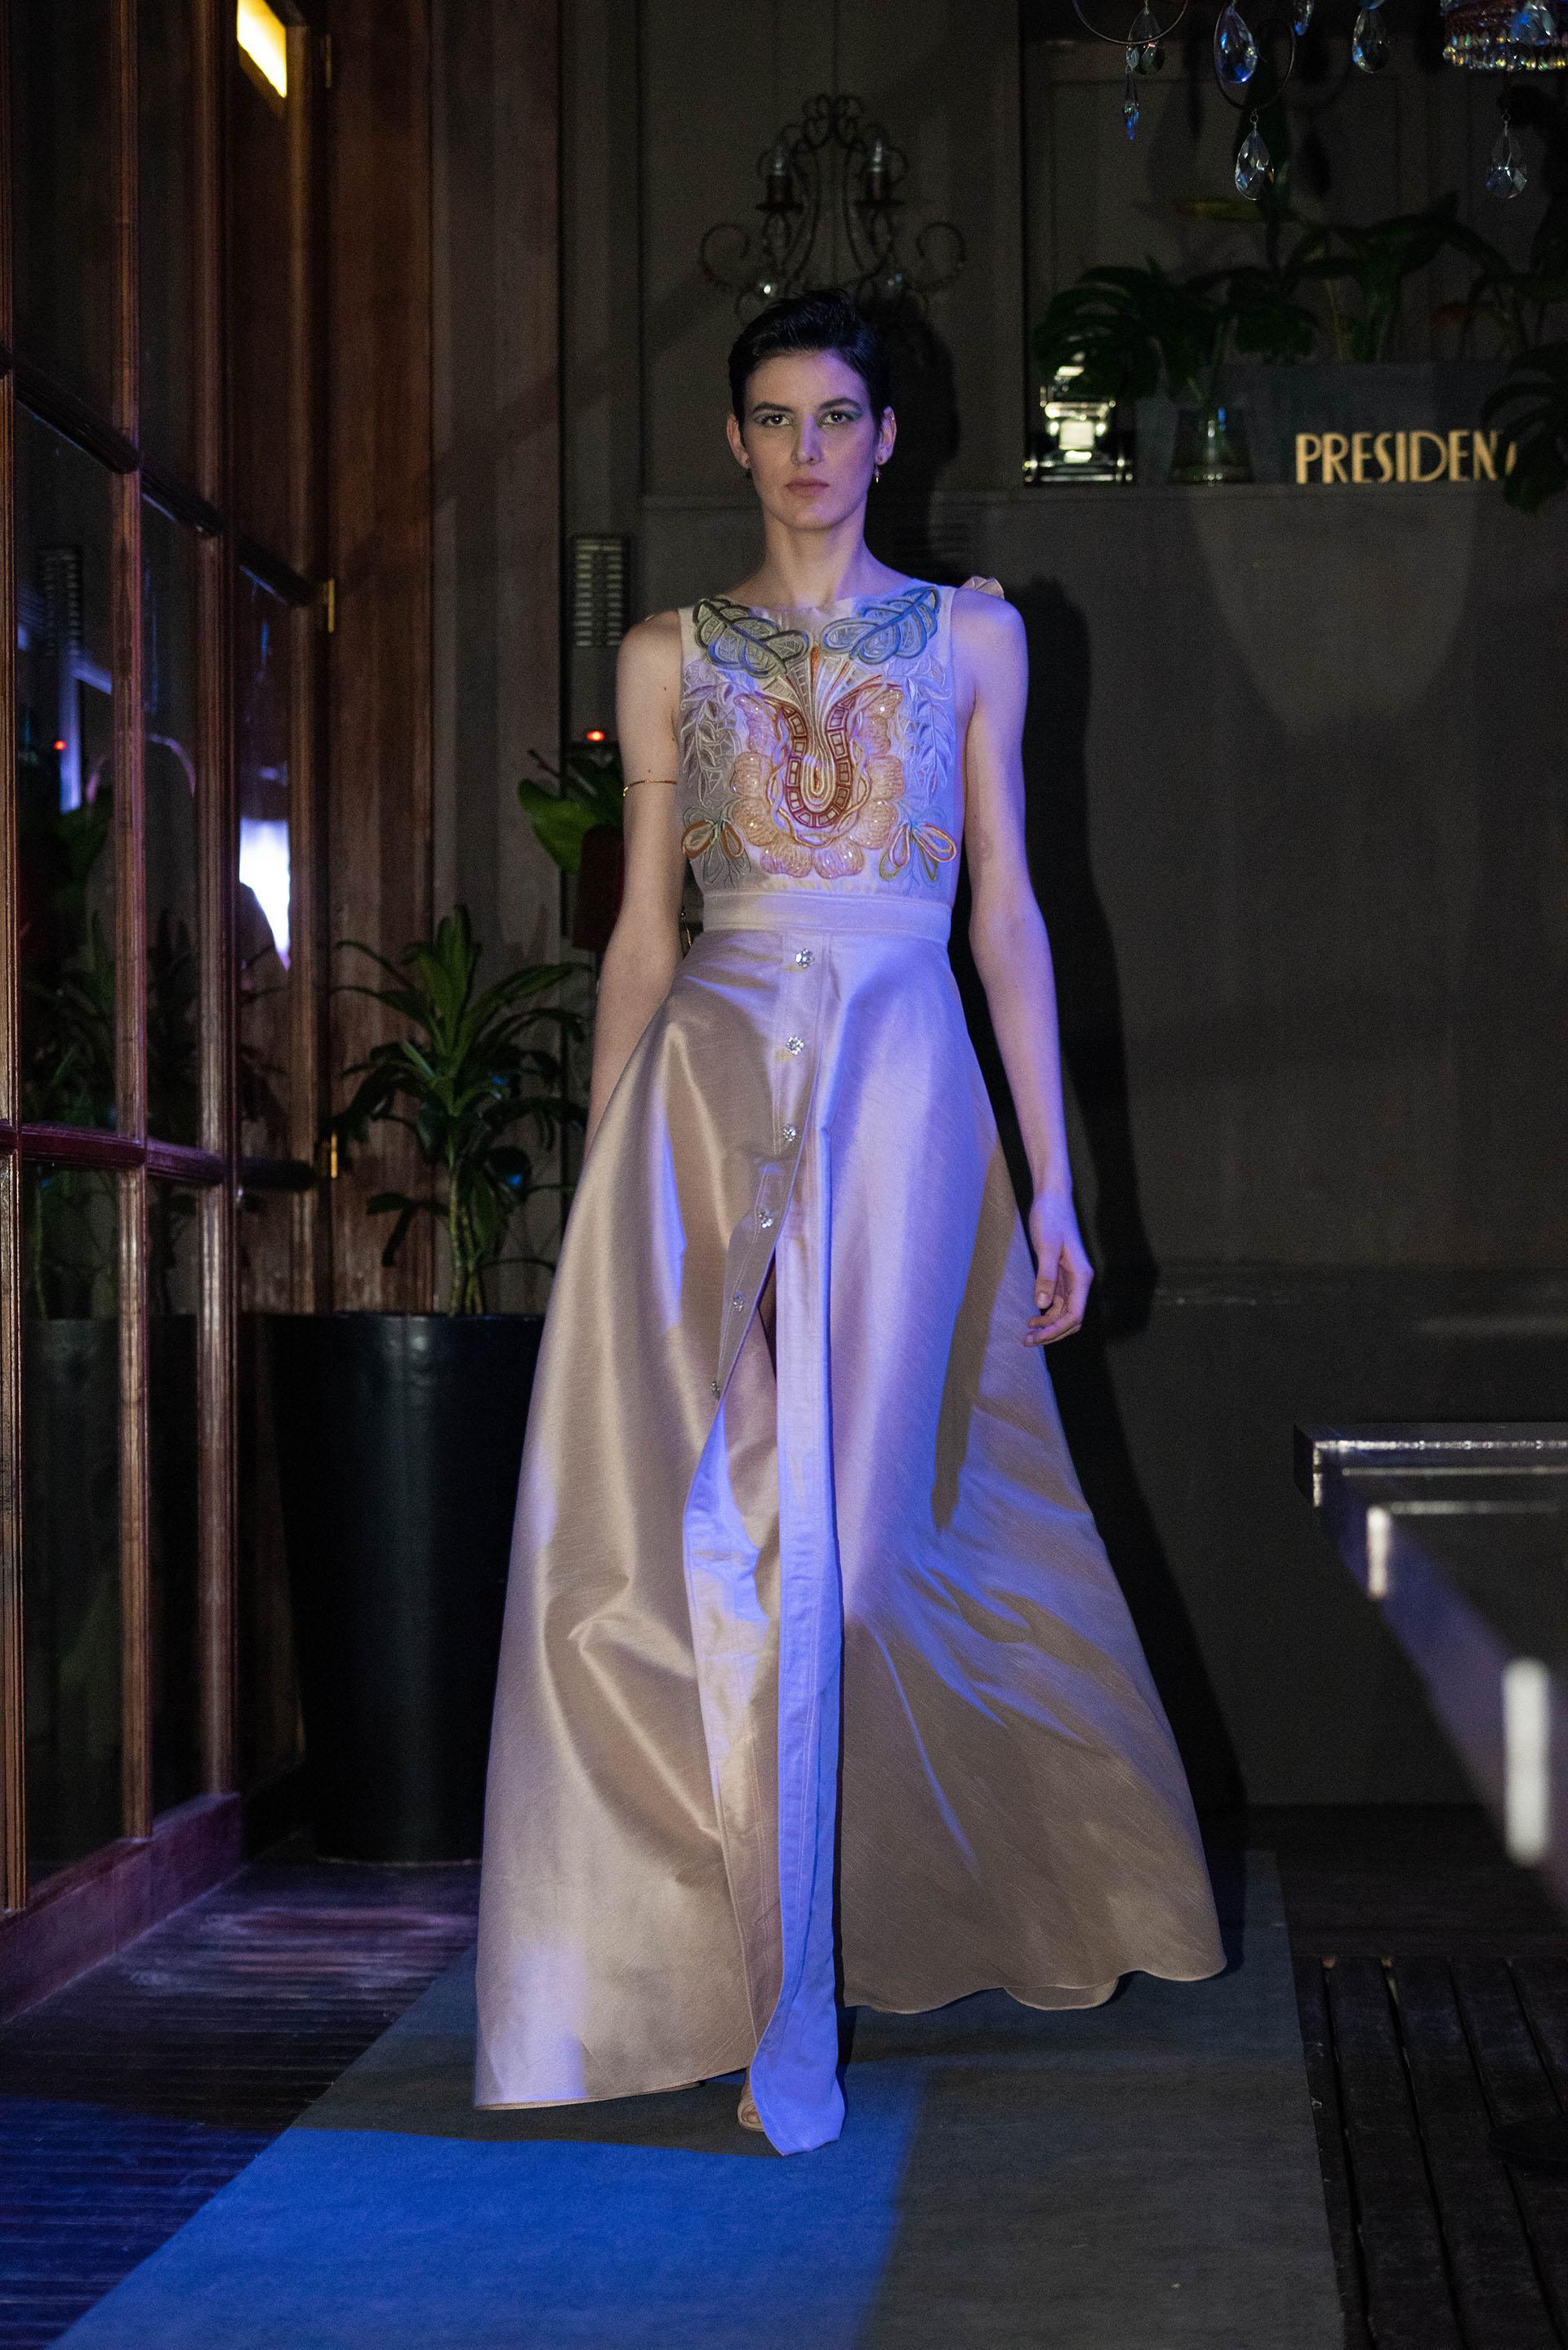 Vestido de alta costura con el sello inigualable del diseñador elegido por las celebridades